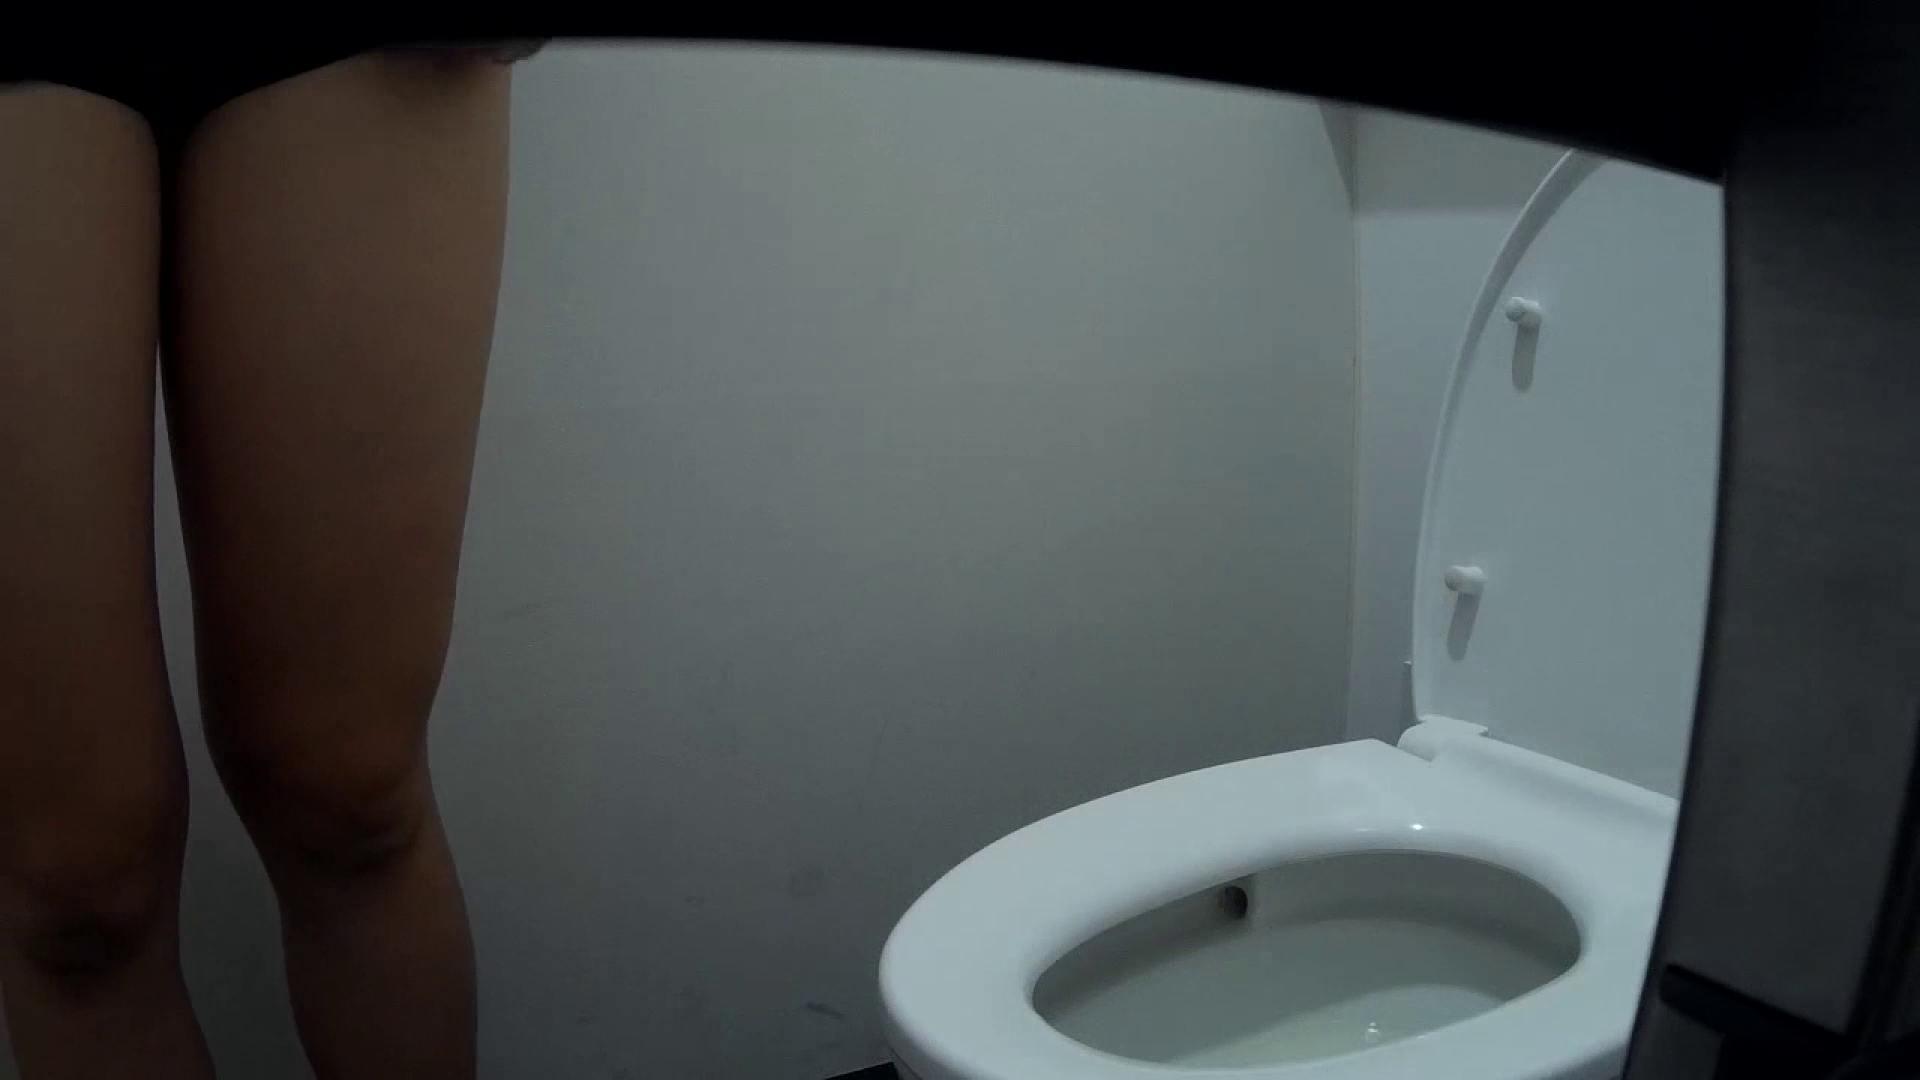 有名大学女性洗面所 vol.50 個室には3つの「目」があるみたいです。 洗面所シーン ワレメ動画紹介 53画像 20